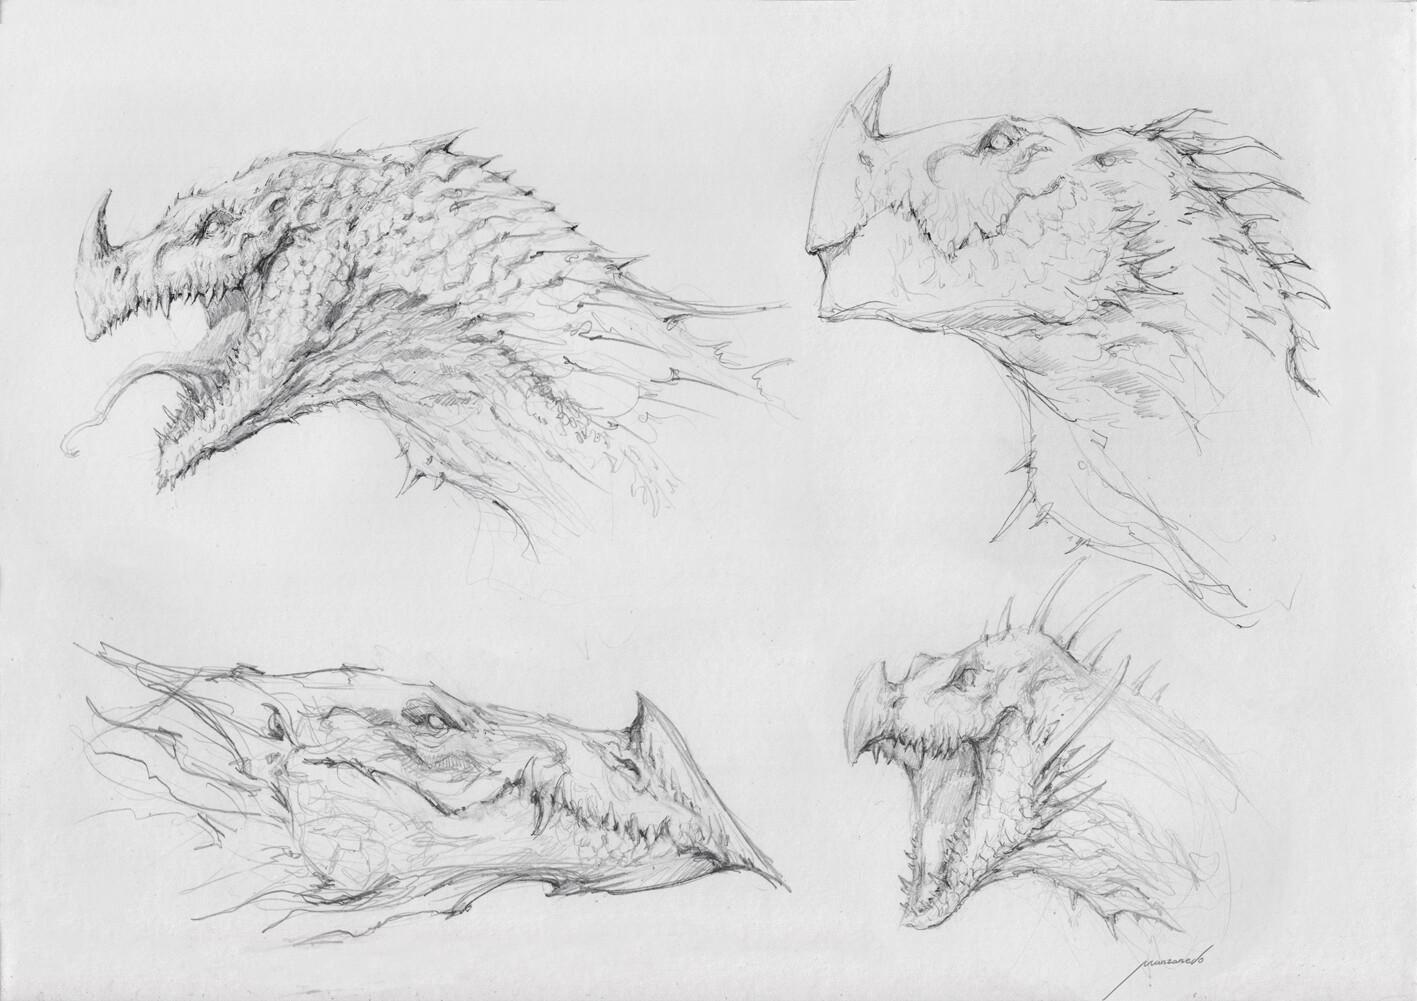 Pencil dragon sketches